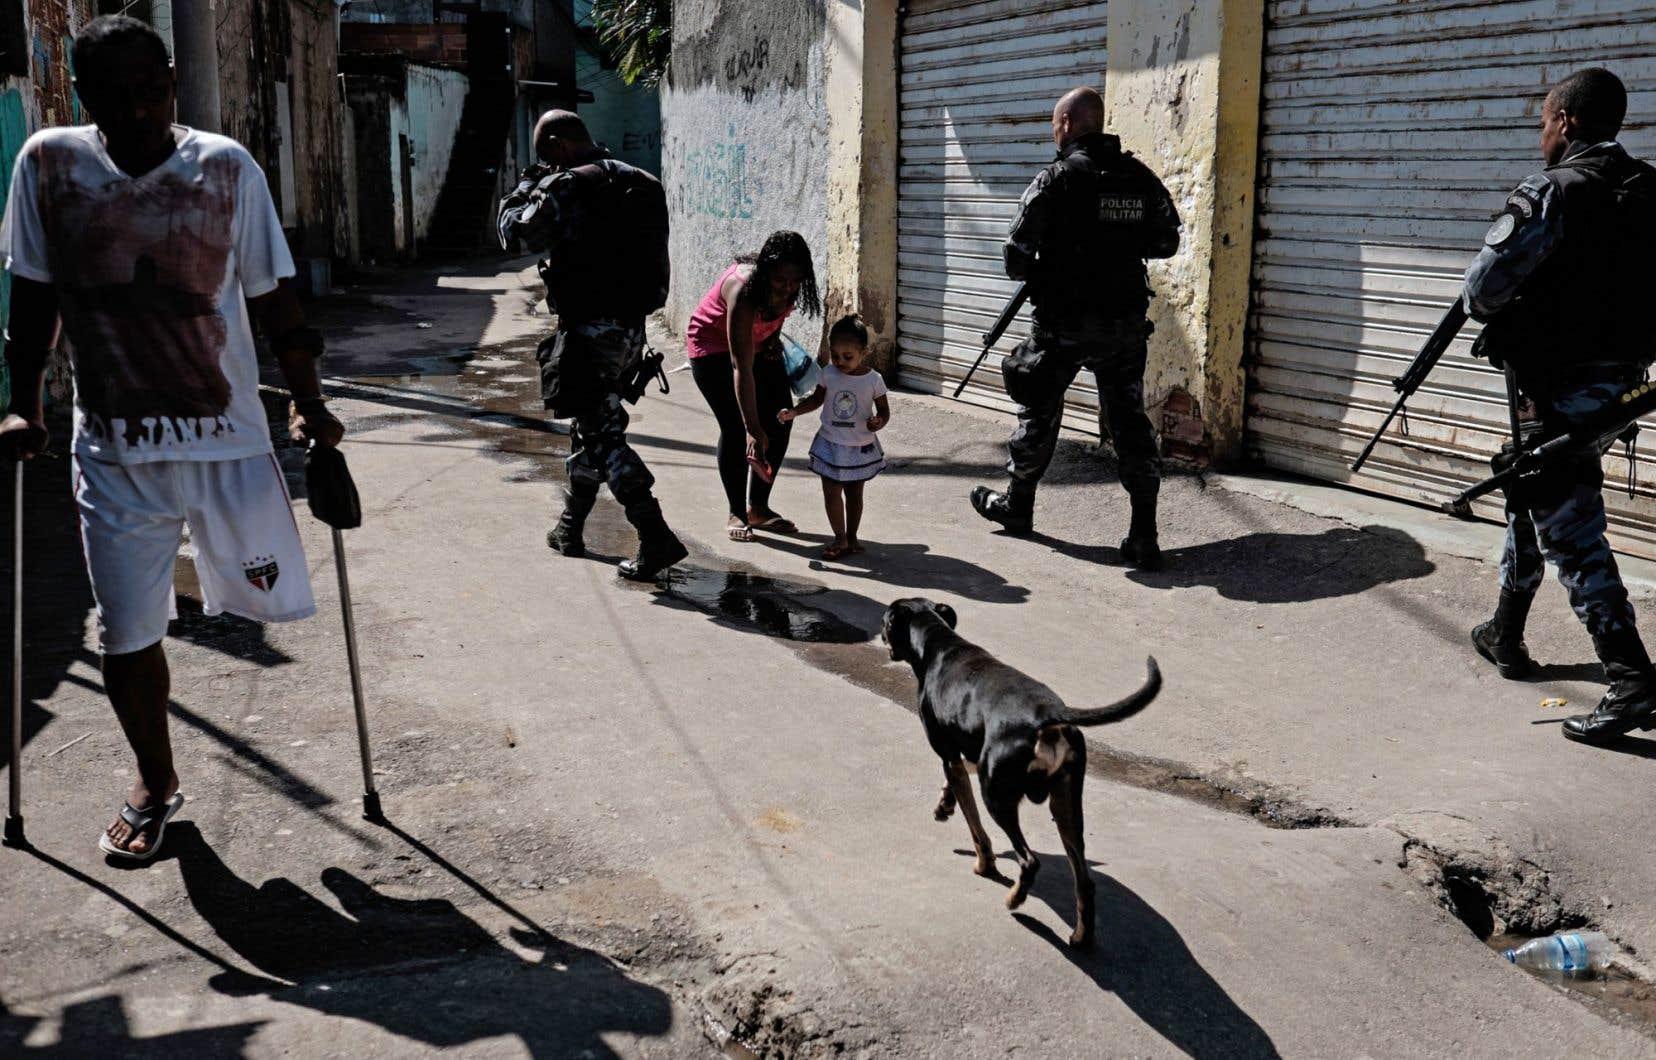 Autour des enceintes olympiques, le long des plages des quartiers chics et touristiques de Copacabana et d'Ipanema, militaires et policiers sont omniprésents. Malgré cet impressionnant dispositif de 85000 militaires et policiers mobilisés, Rio reste Rio.